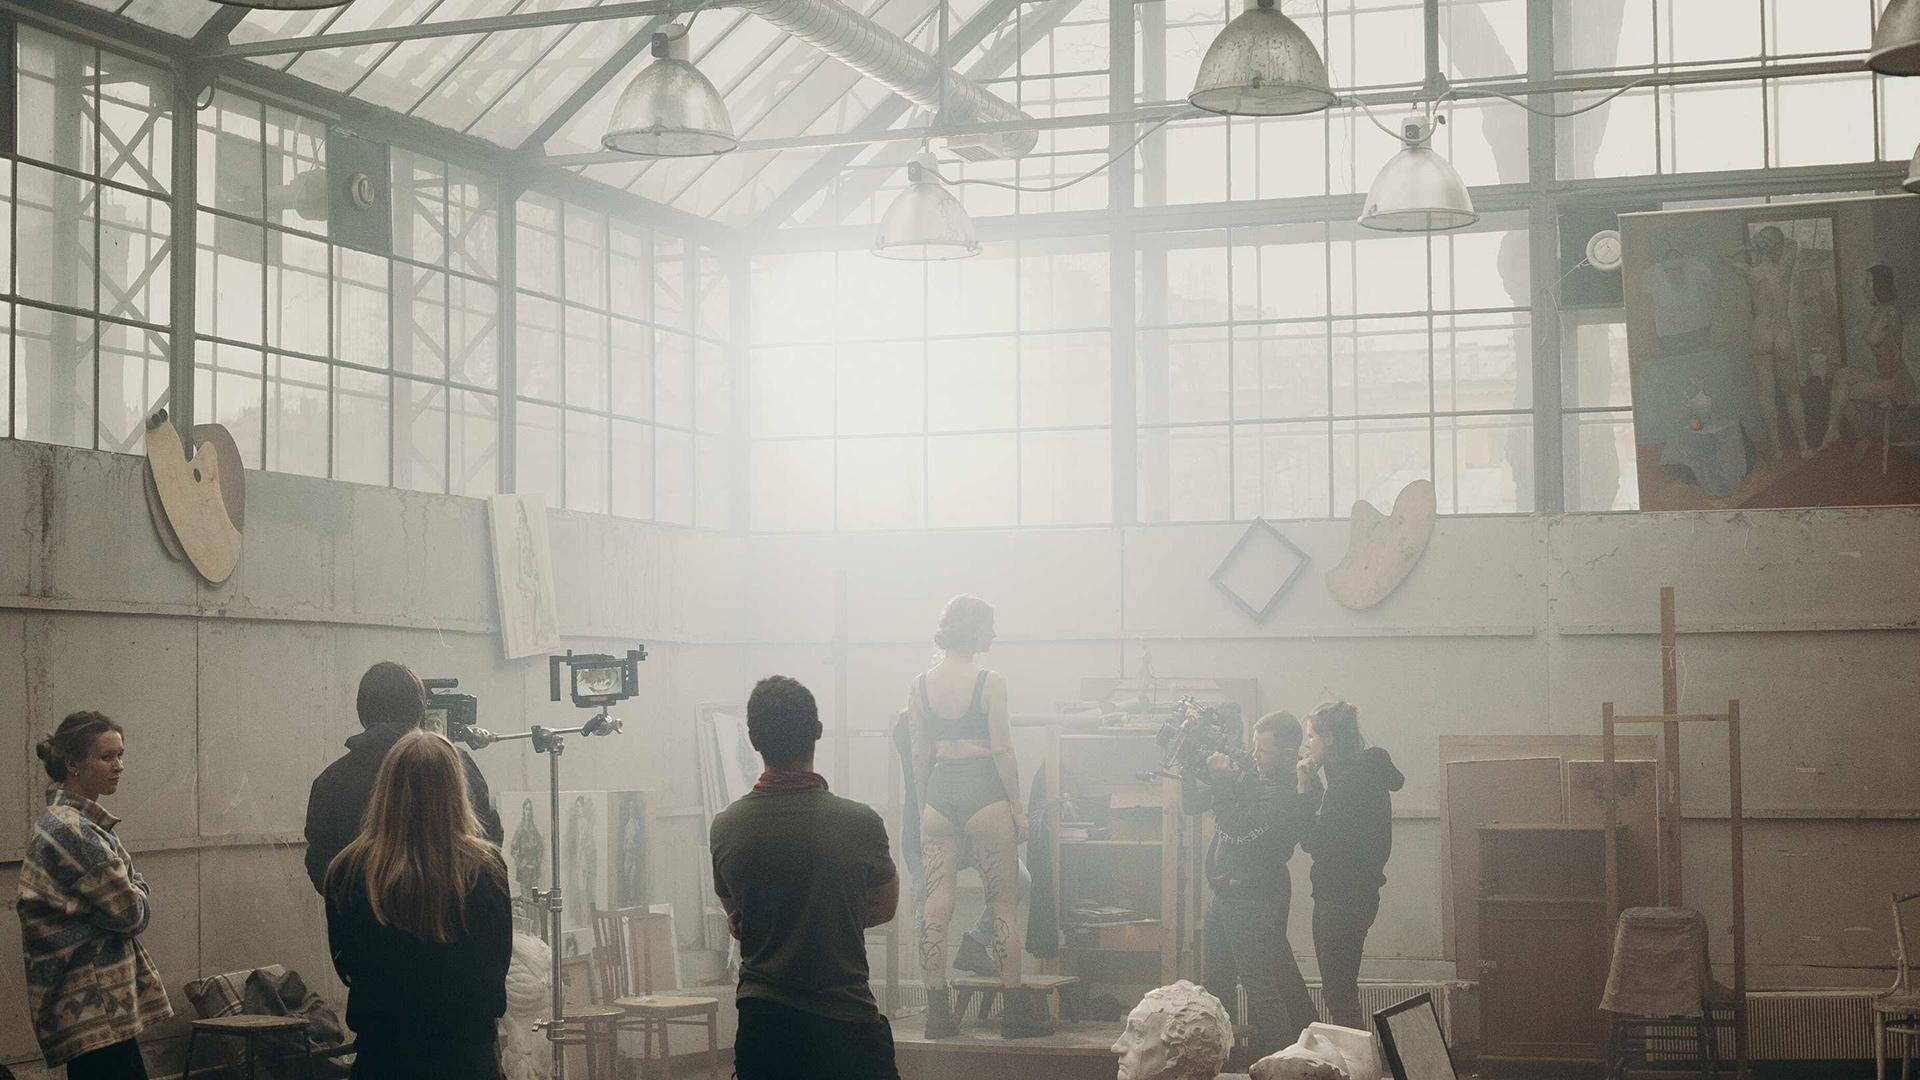 Lighting Tricks for Guerilla Filmmaking